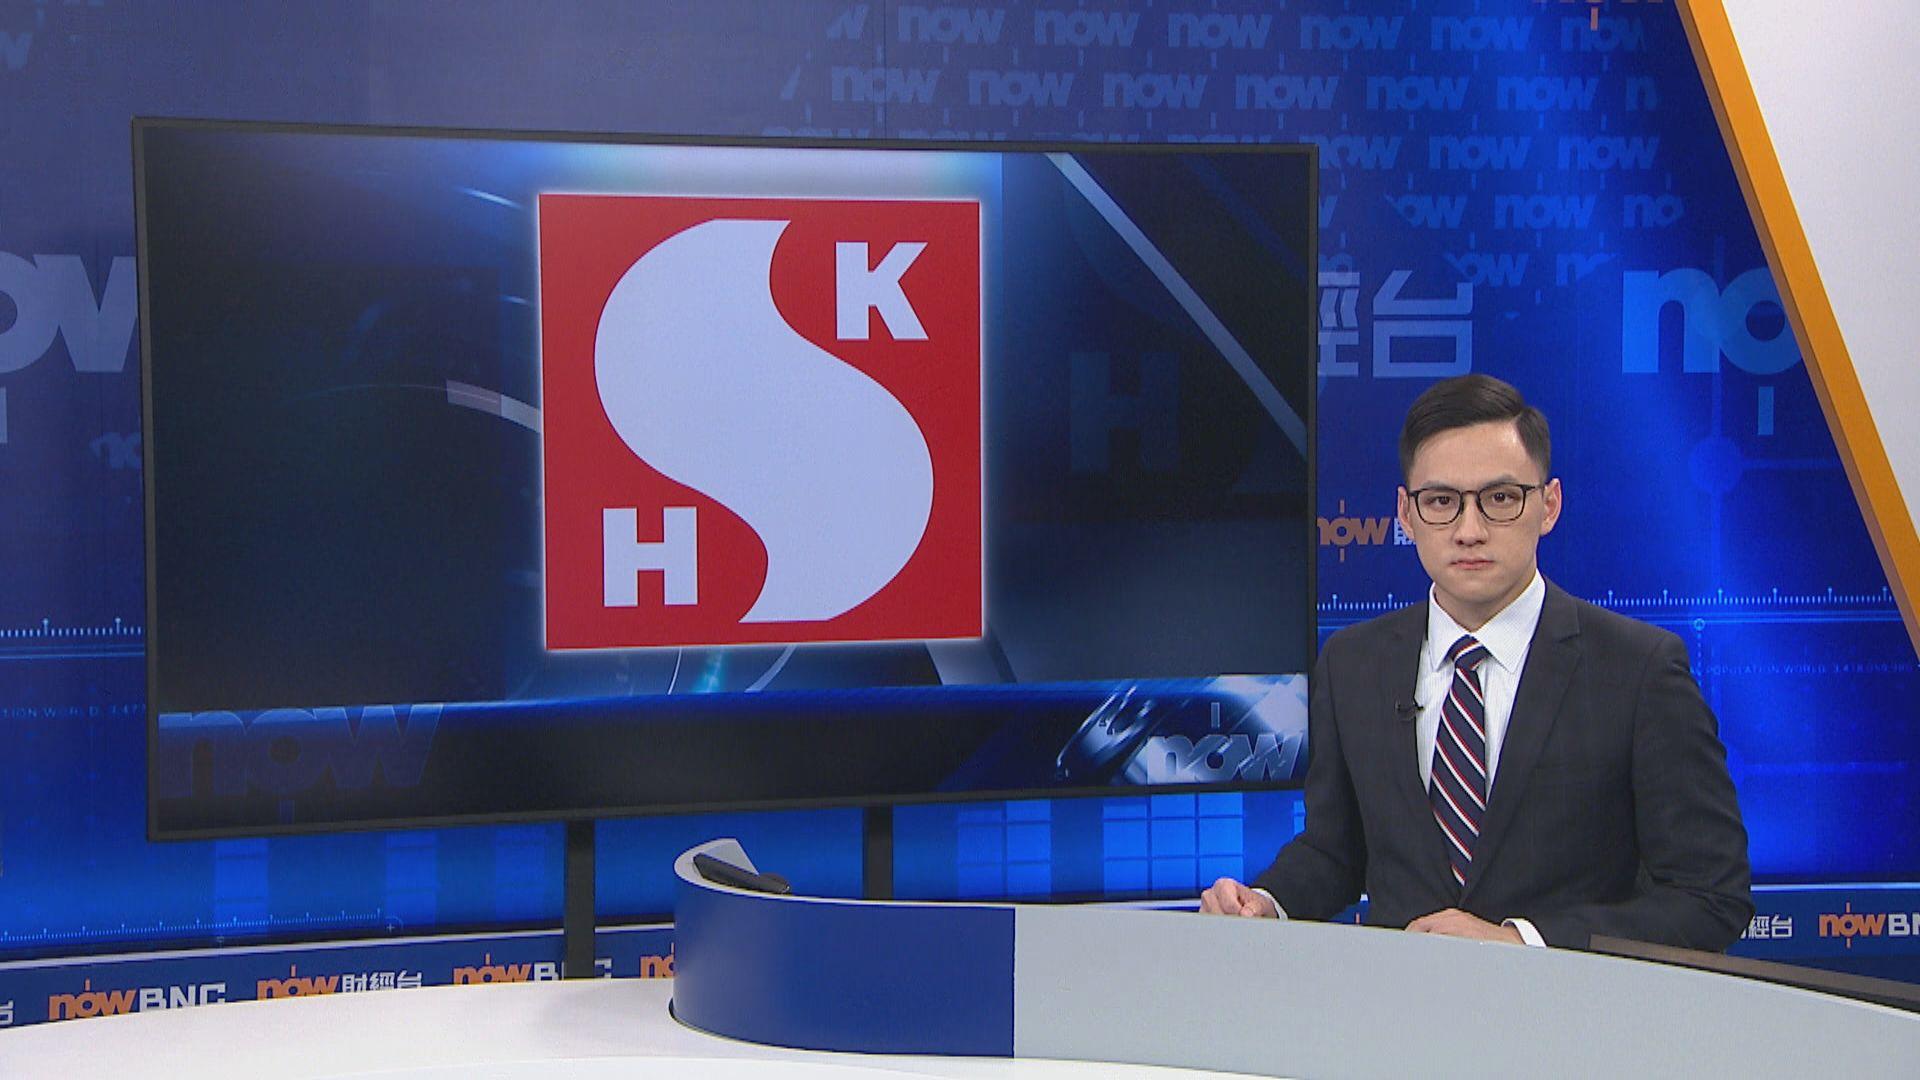 倡削單程證上限 新地:提議僅郭基煇為紓緩香港緊張氣氛